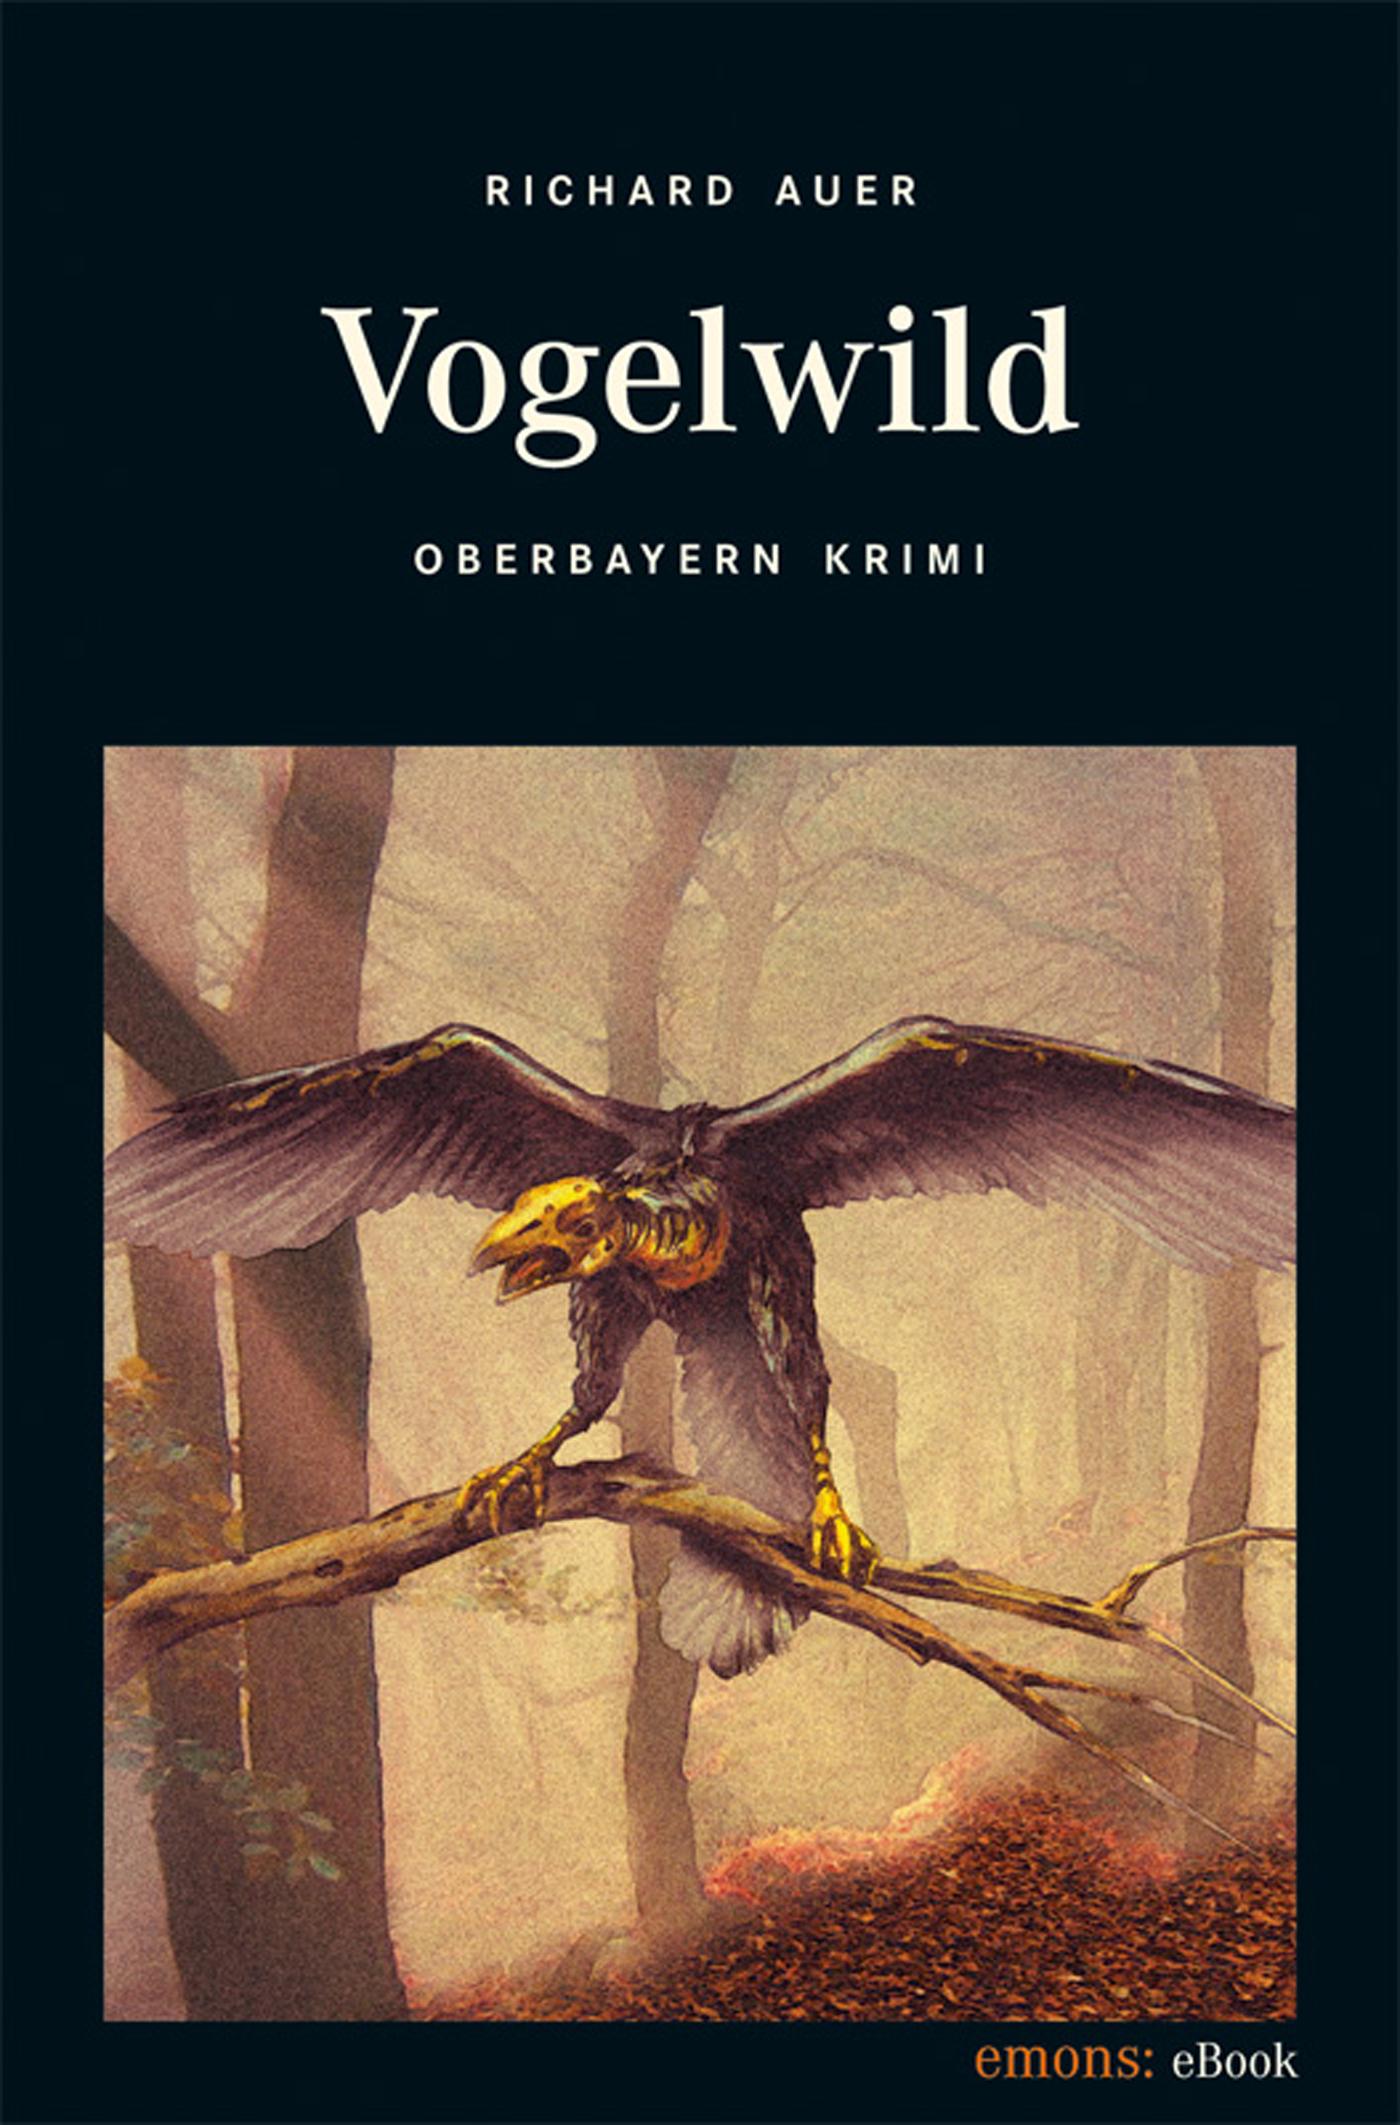 Richard Auer Vogelwild rebecca myga der deutsche regionalkrimi der roman vogelwild von richard auer